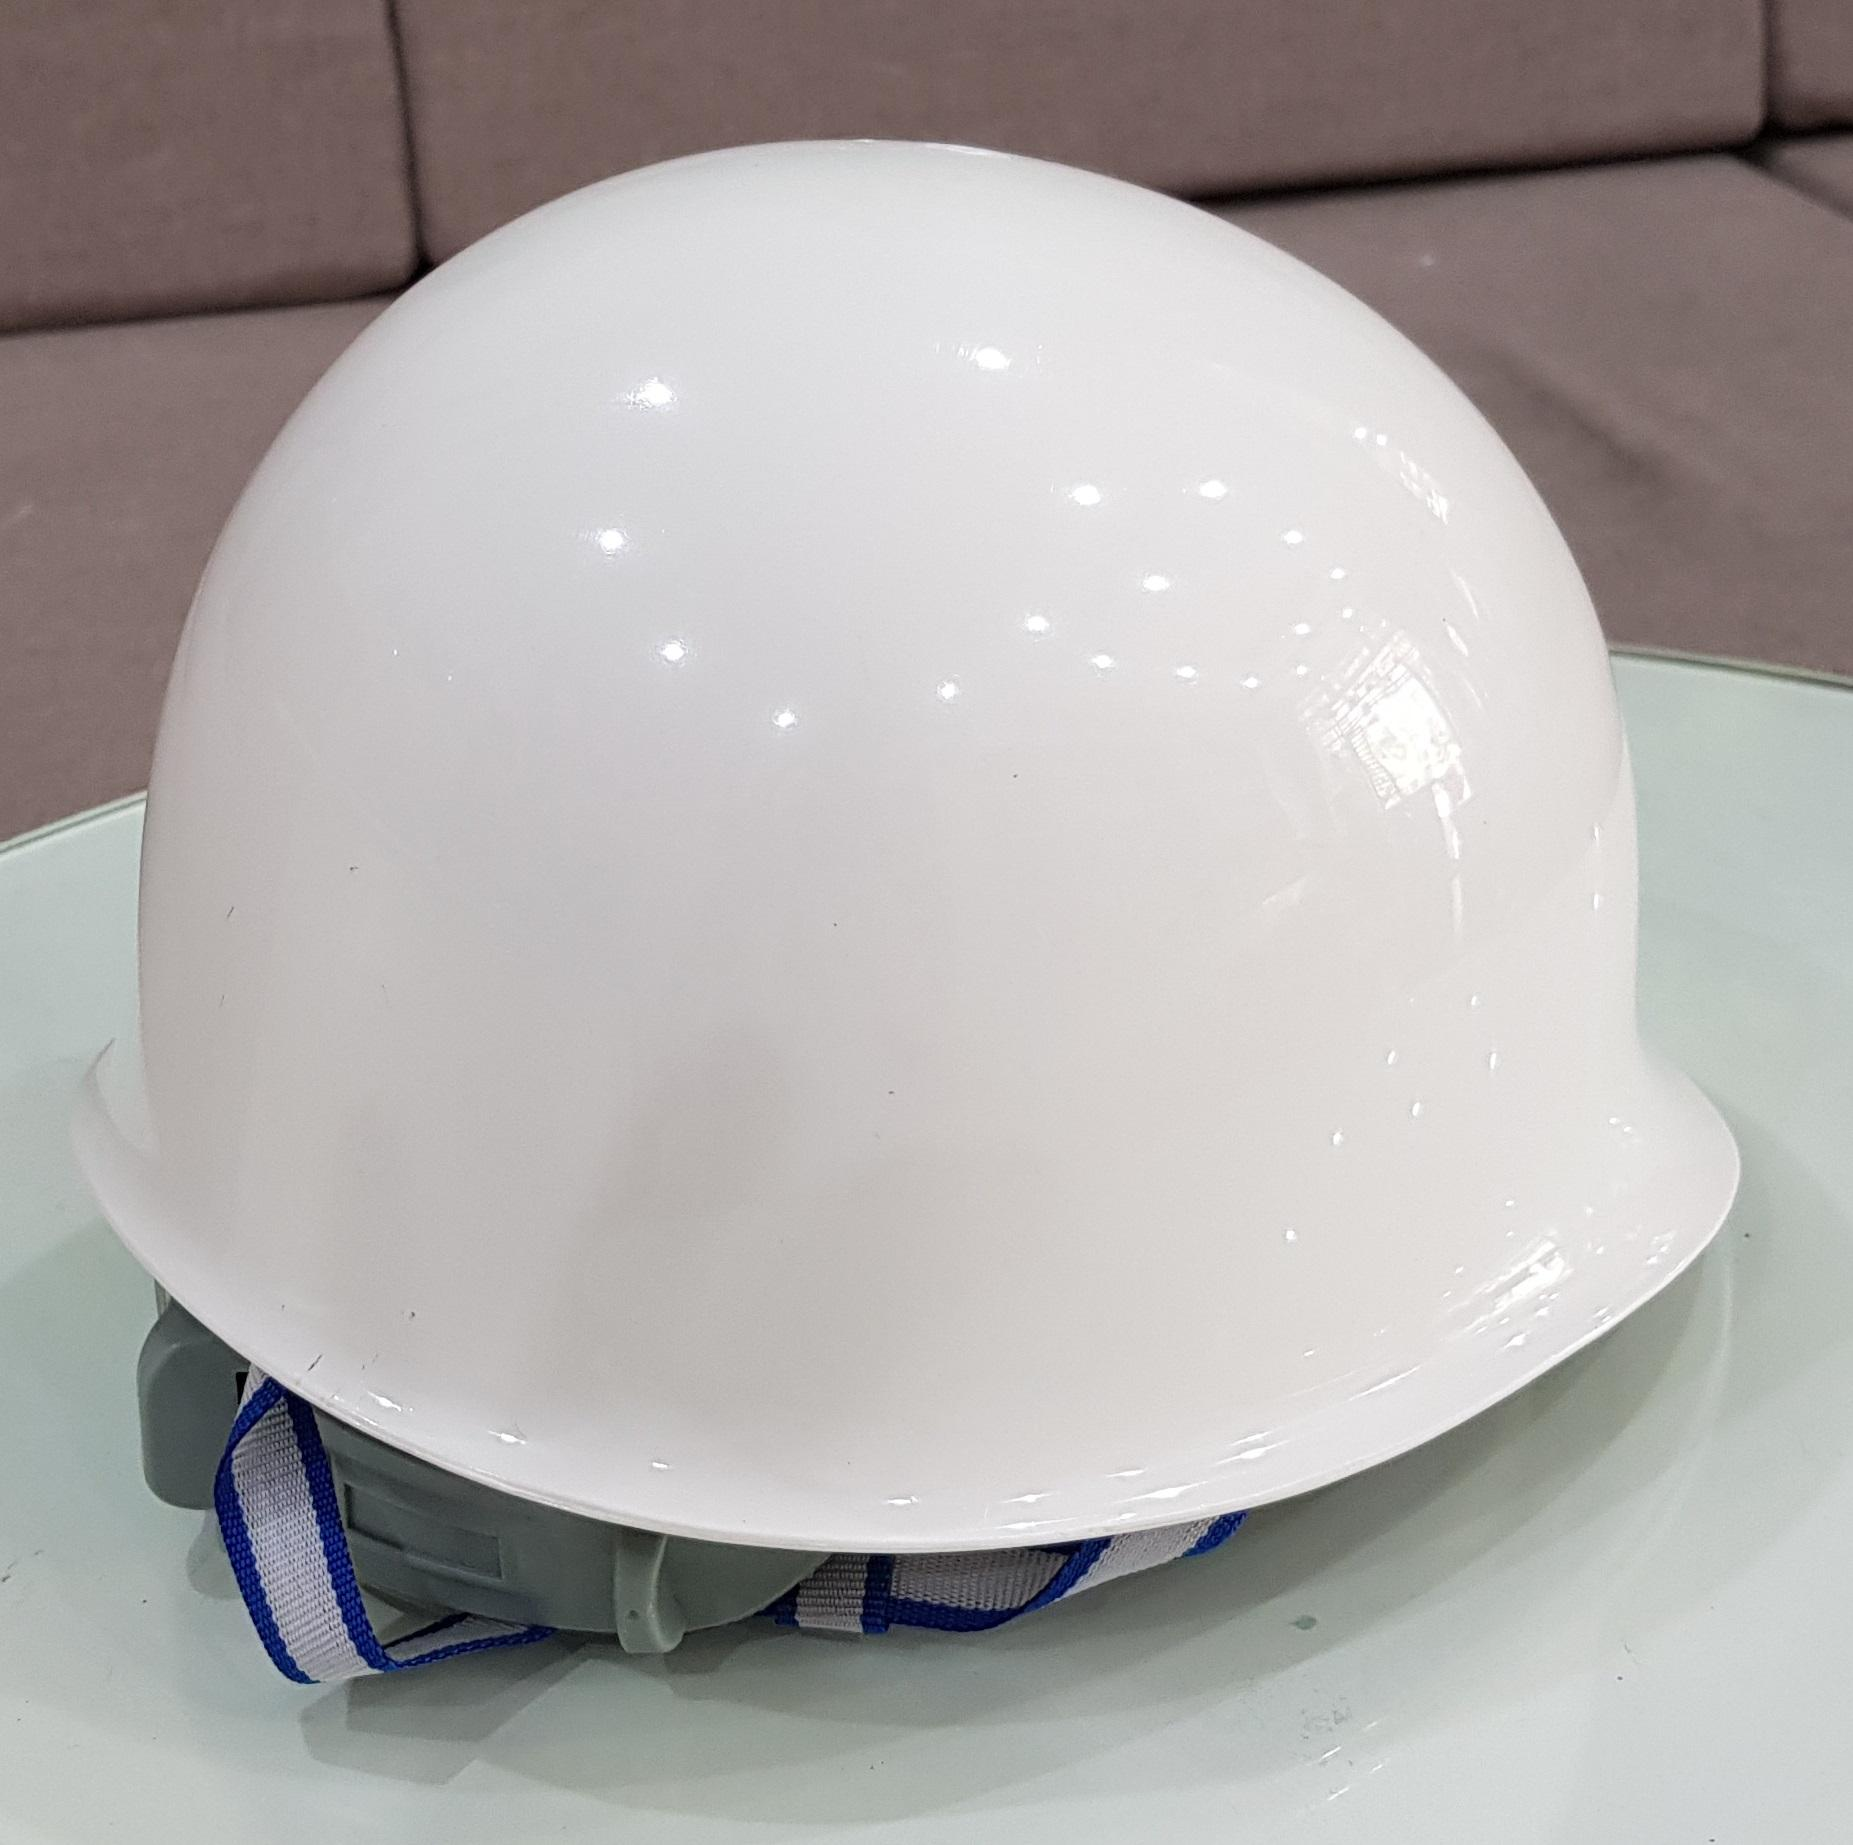 Mũ bảo hộ lao động kiểu nhật